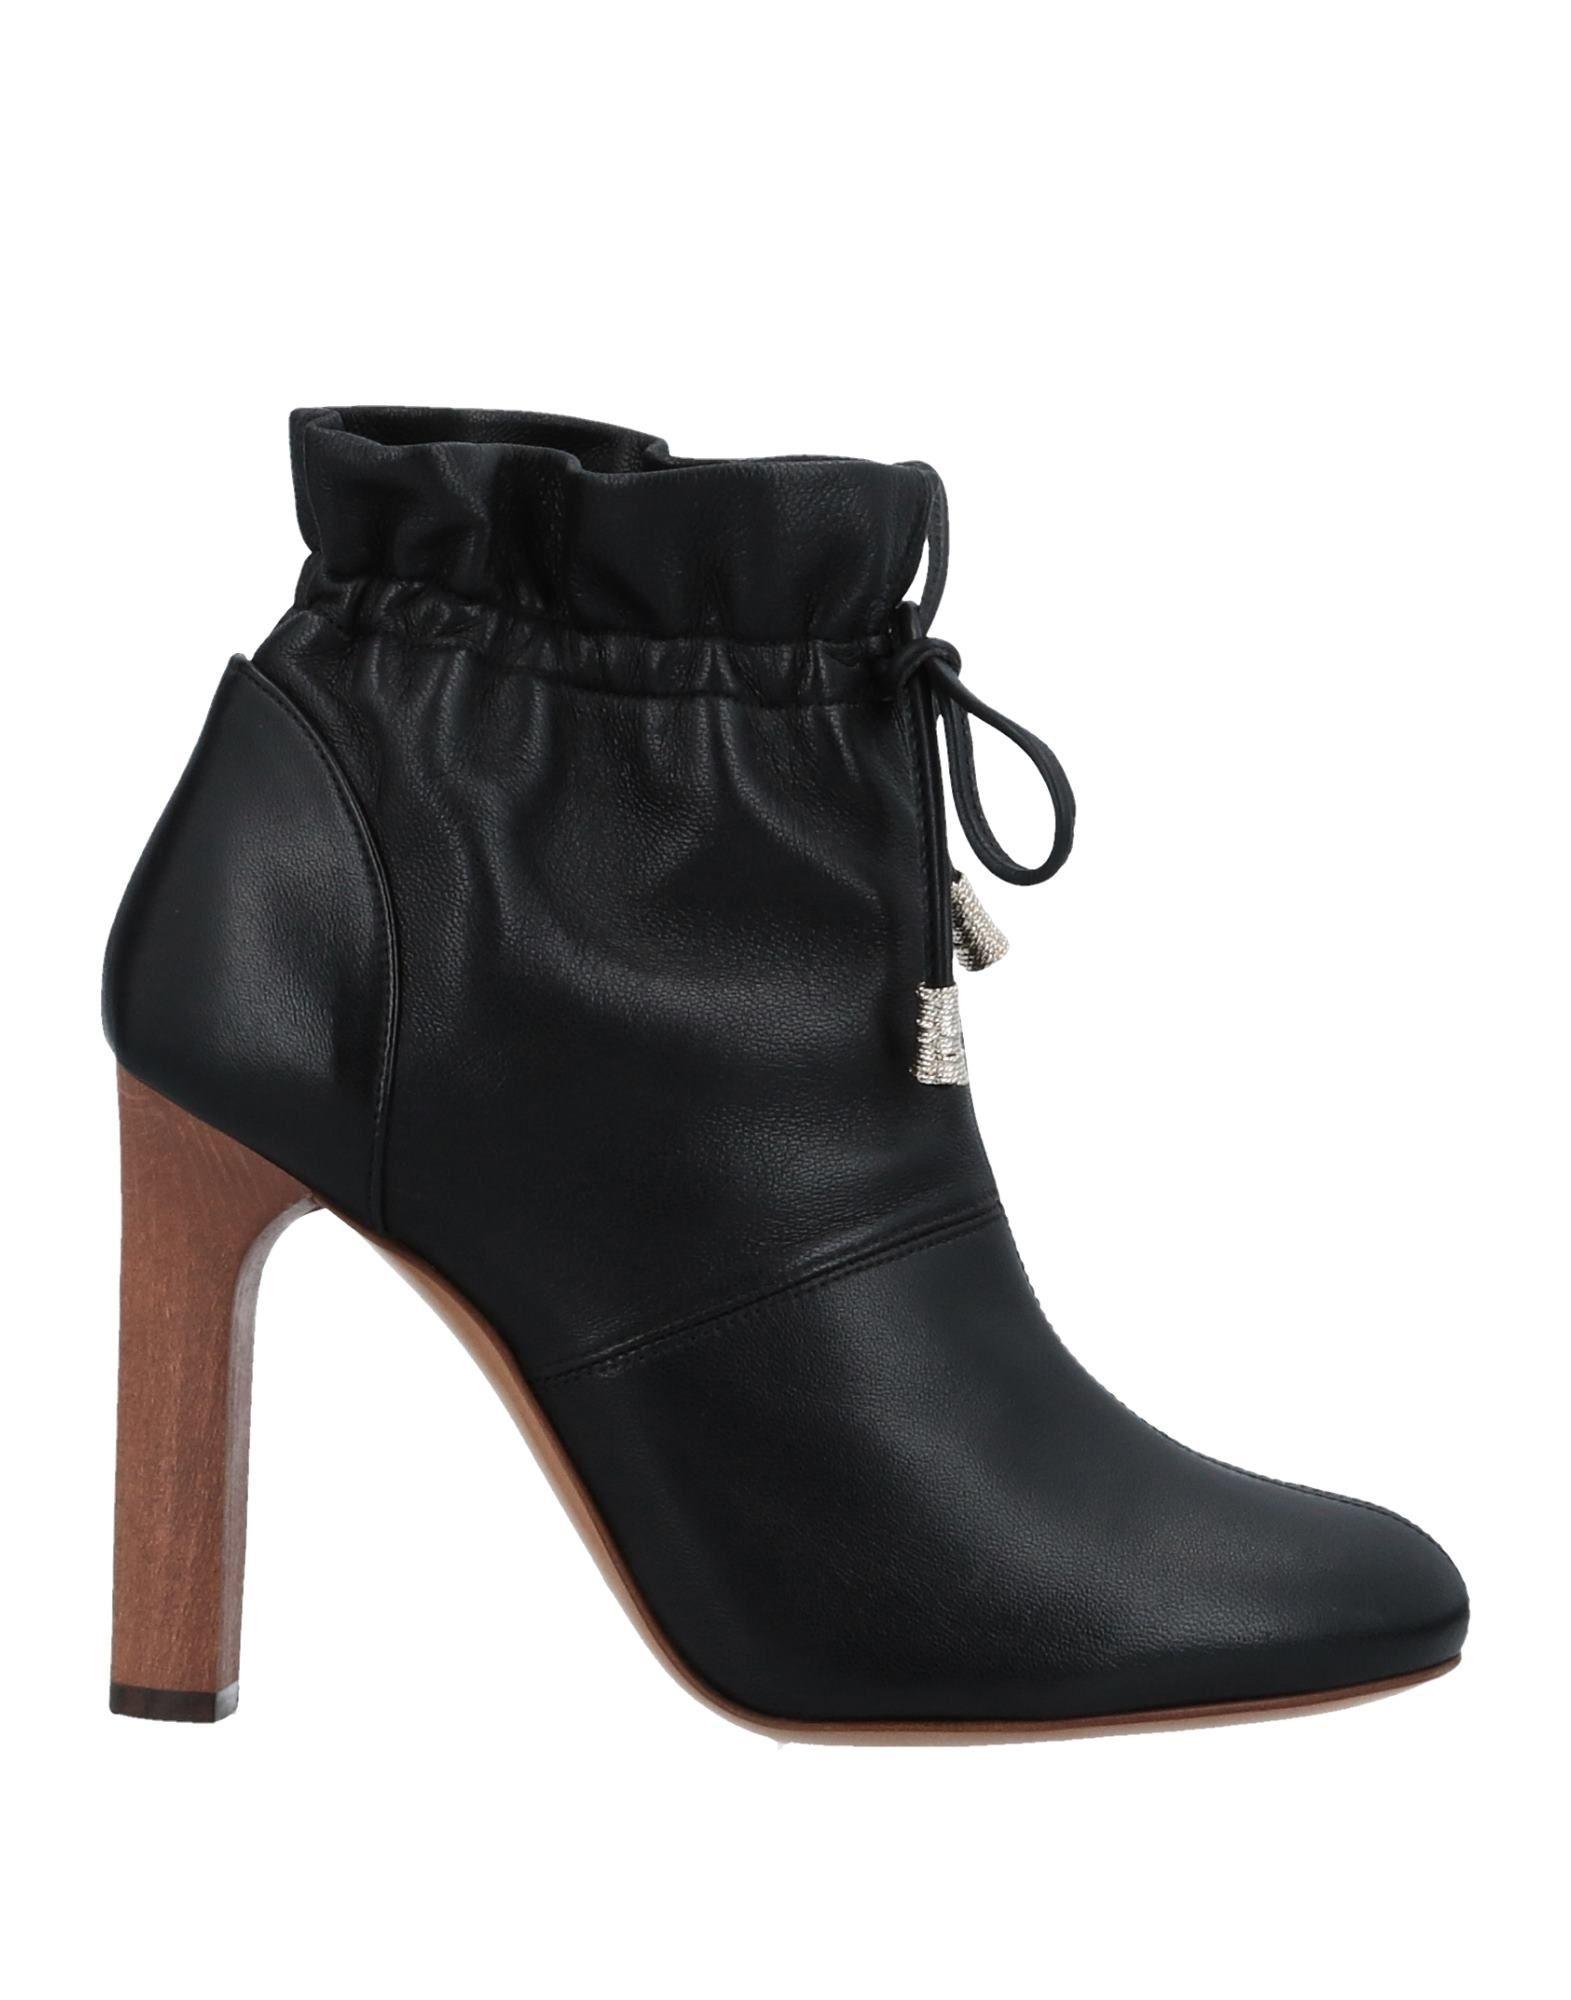 Sneakers O.X.S. Uomo - 11355172LI Scarpe economiche e buone